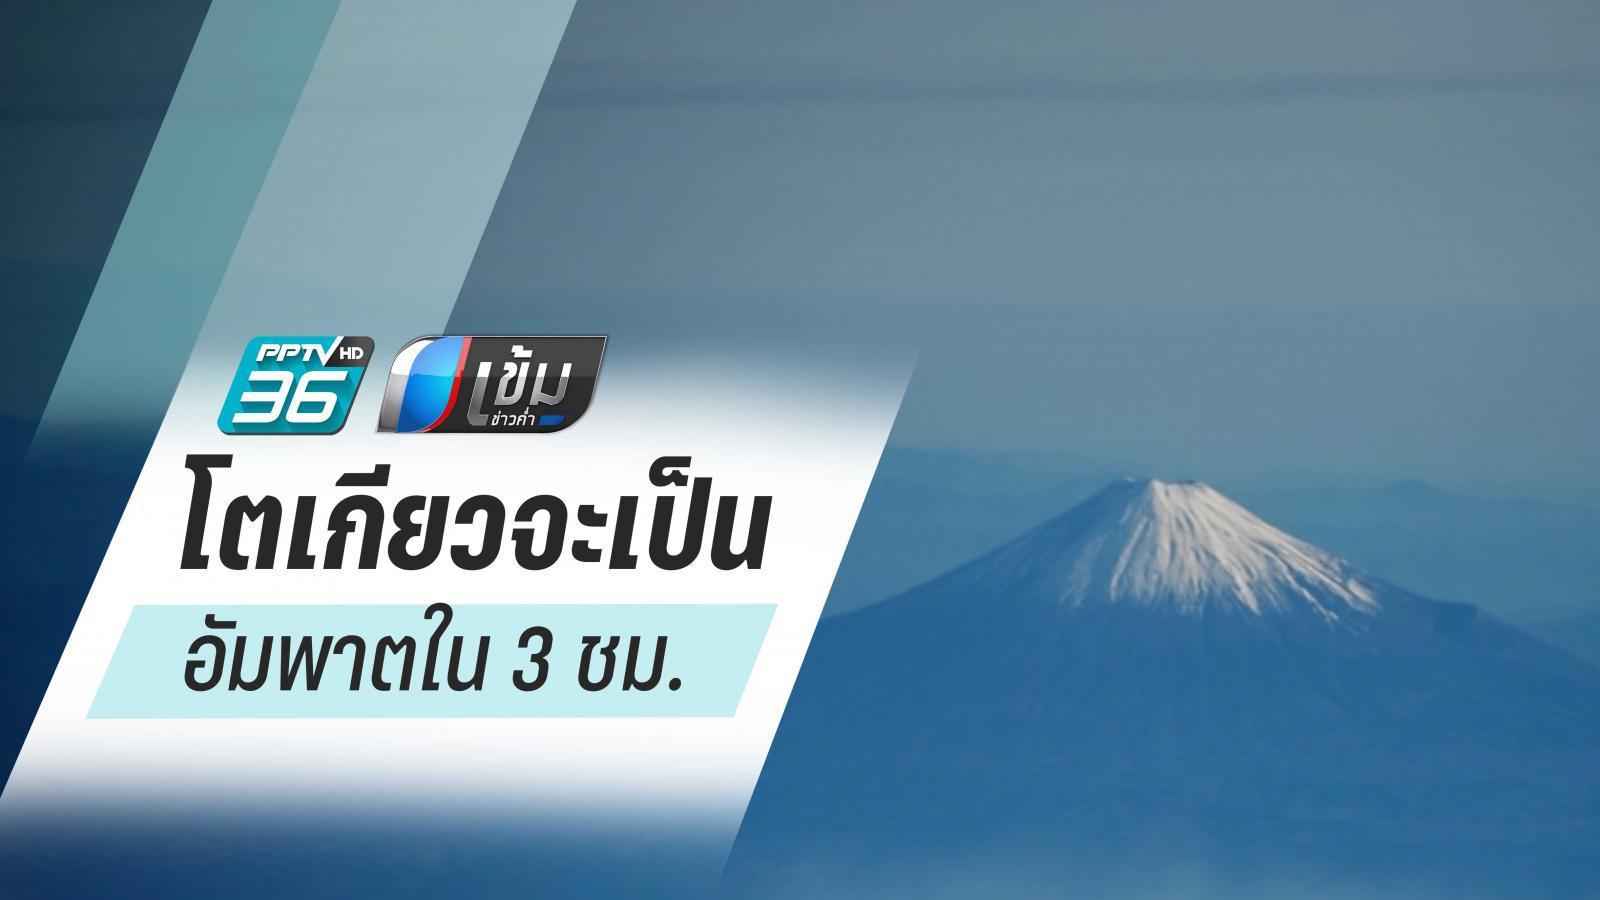 เตือนหากภูเขาไฟฟูจิระเบิด โตเกียวจะเป็นอัมพาตใน 3 ชม.